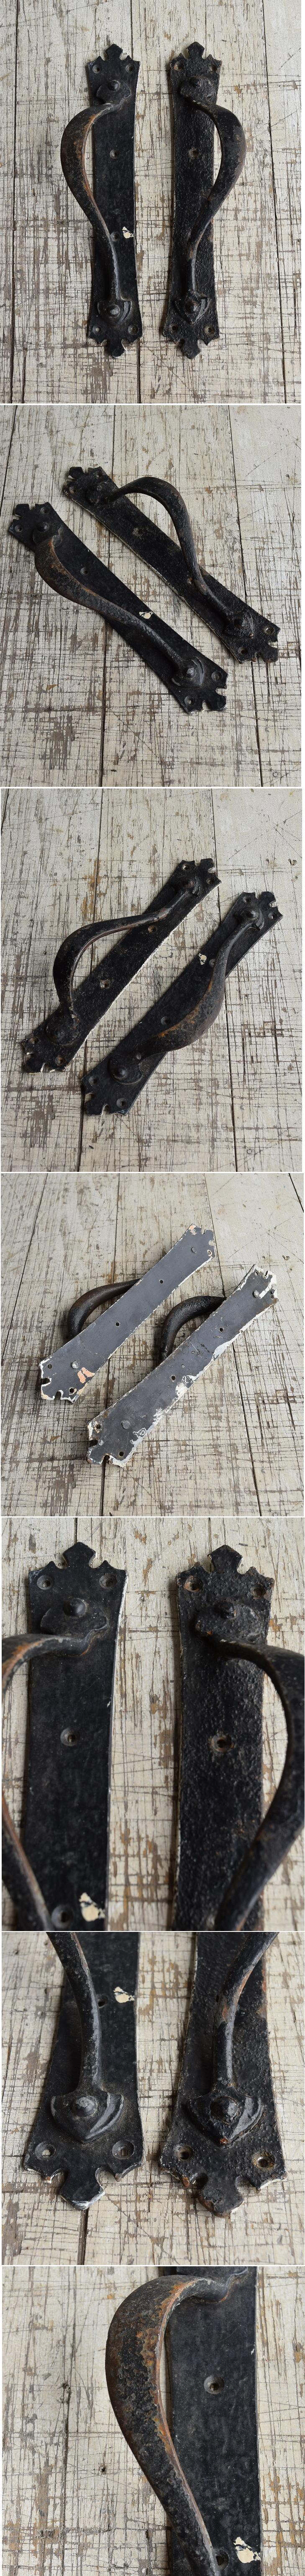 イギリス アンティーク 鉄製ハンドル 建具金物 取っ手×2 8802